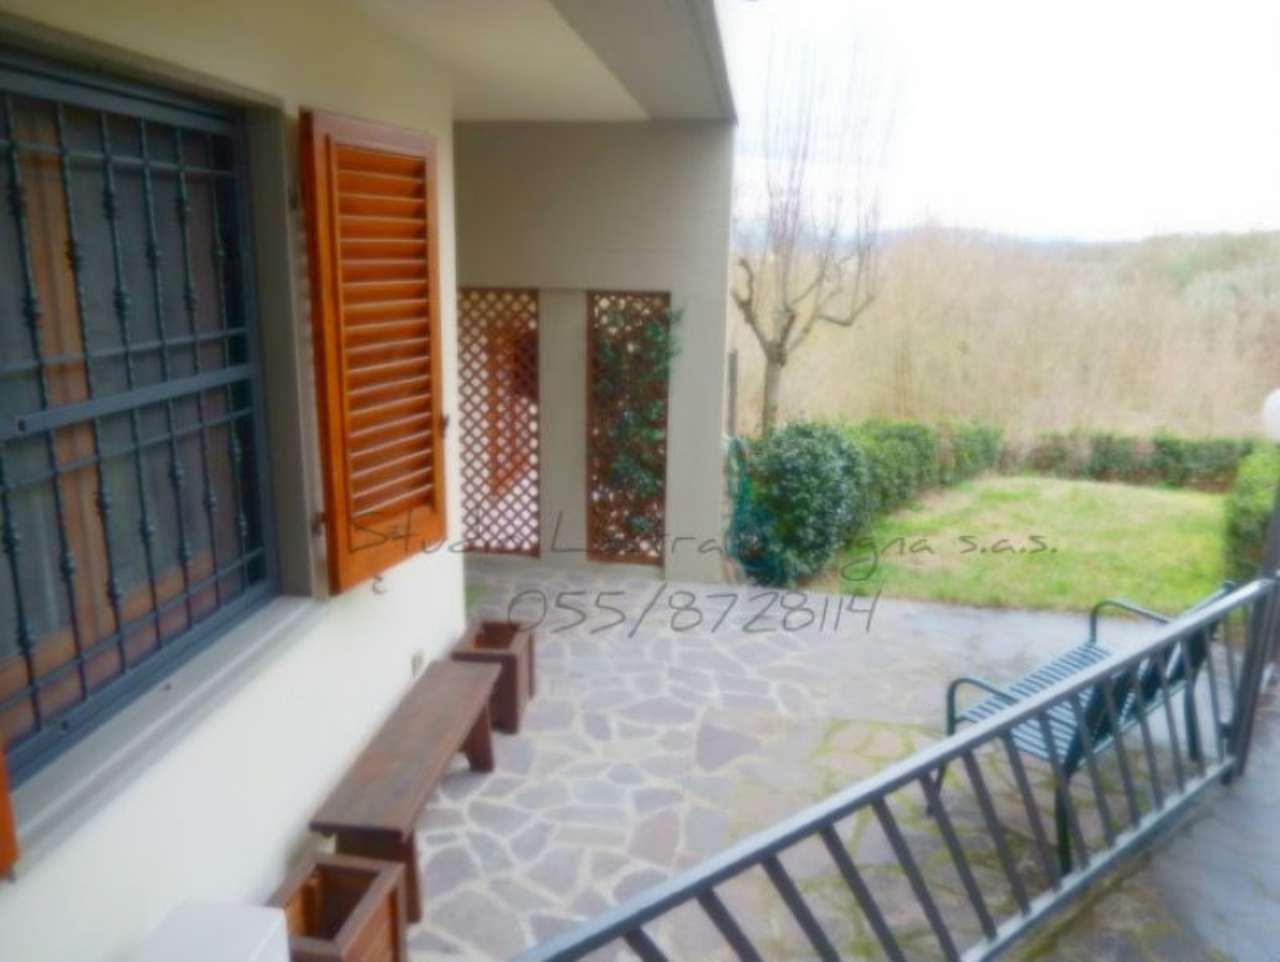 Palazzo / Stabile in vendita a Lastra a Signa, 5 locali, prezzo € 280.000 | Cambio Casa.it